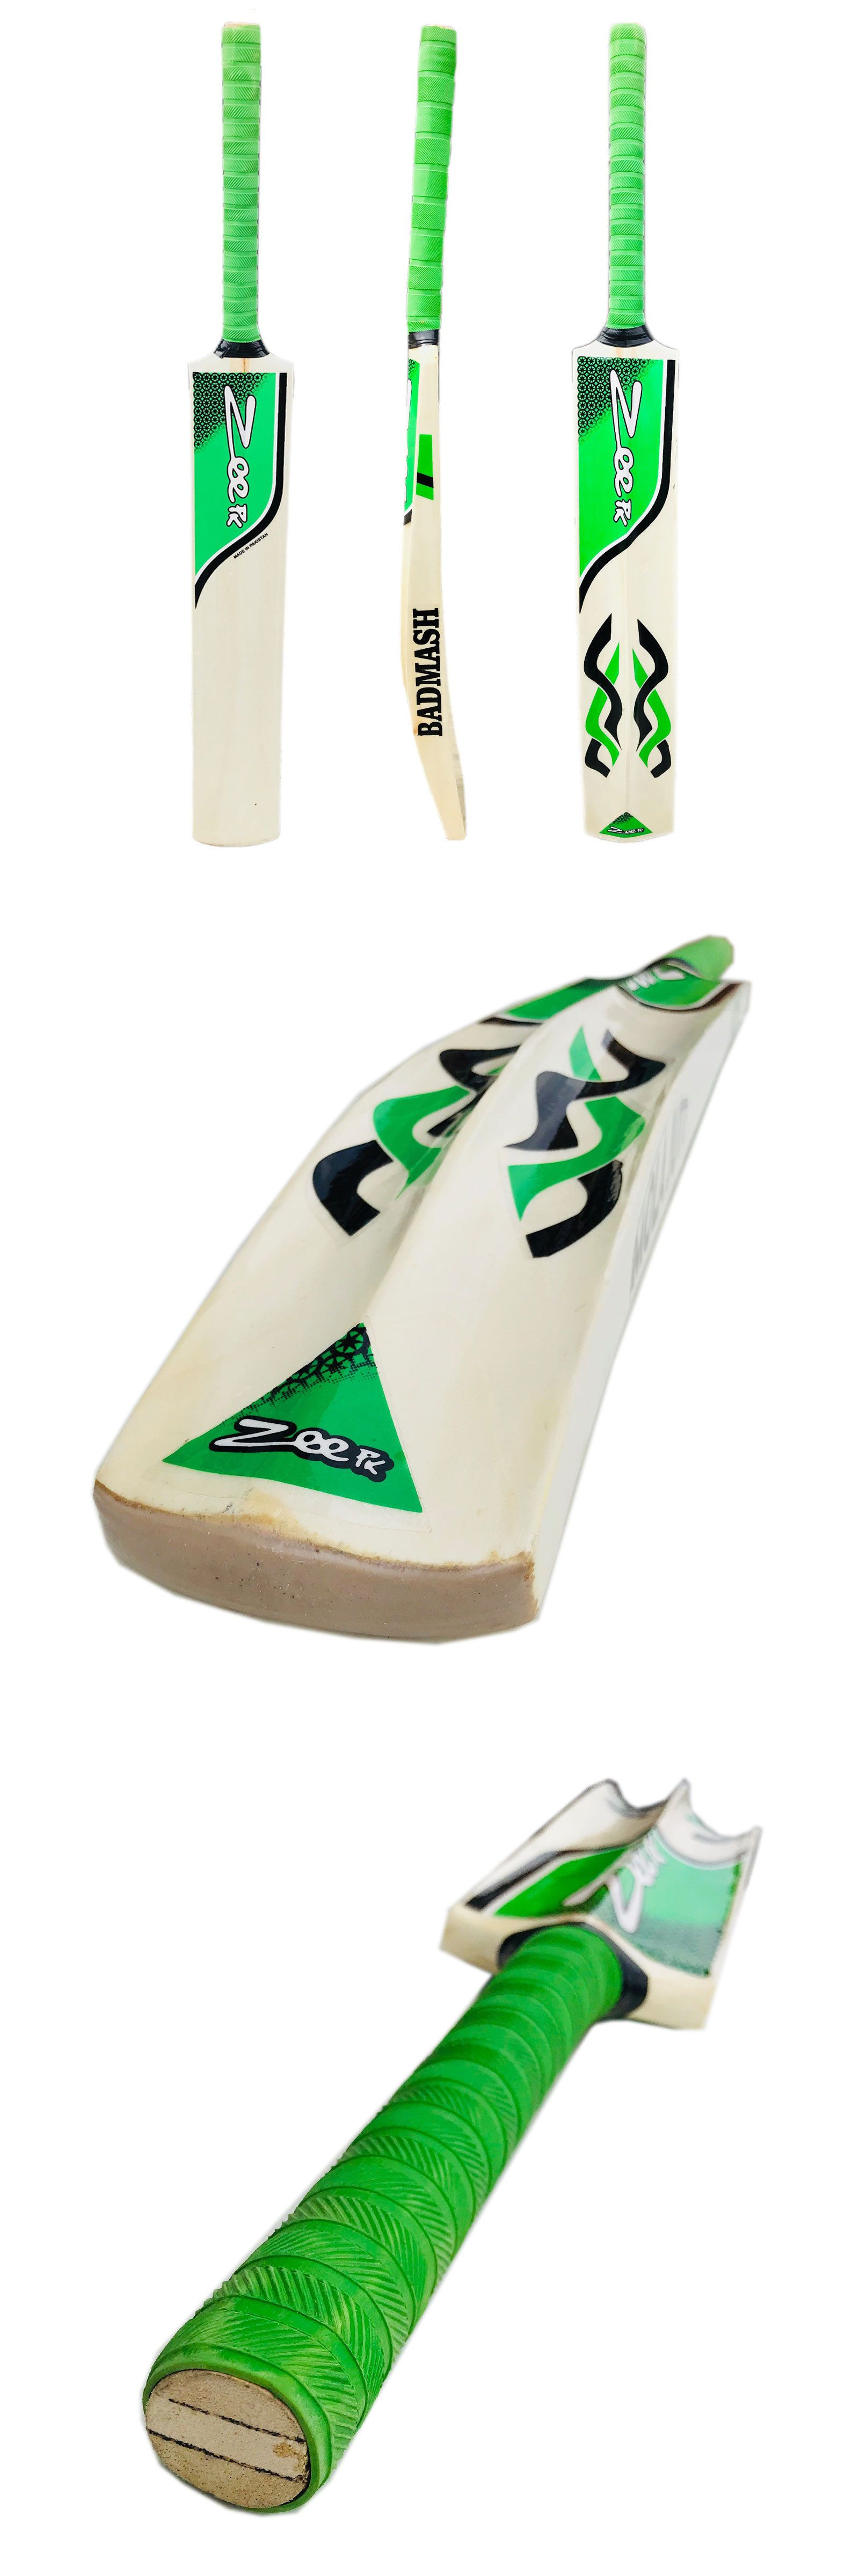 Zeepk Tennis Tape Ball Cricket Bat Full Size Hand Made Kashmir Willow Badmash Cricket Bat Soft Tennis Tennis Ball